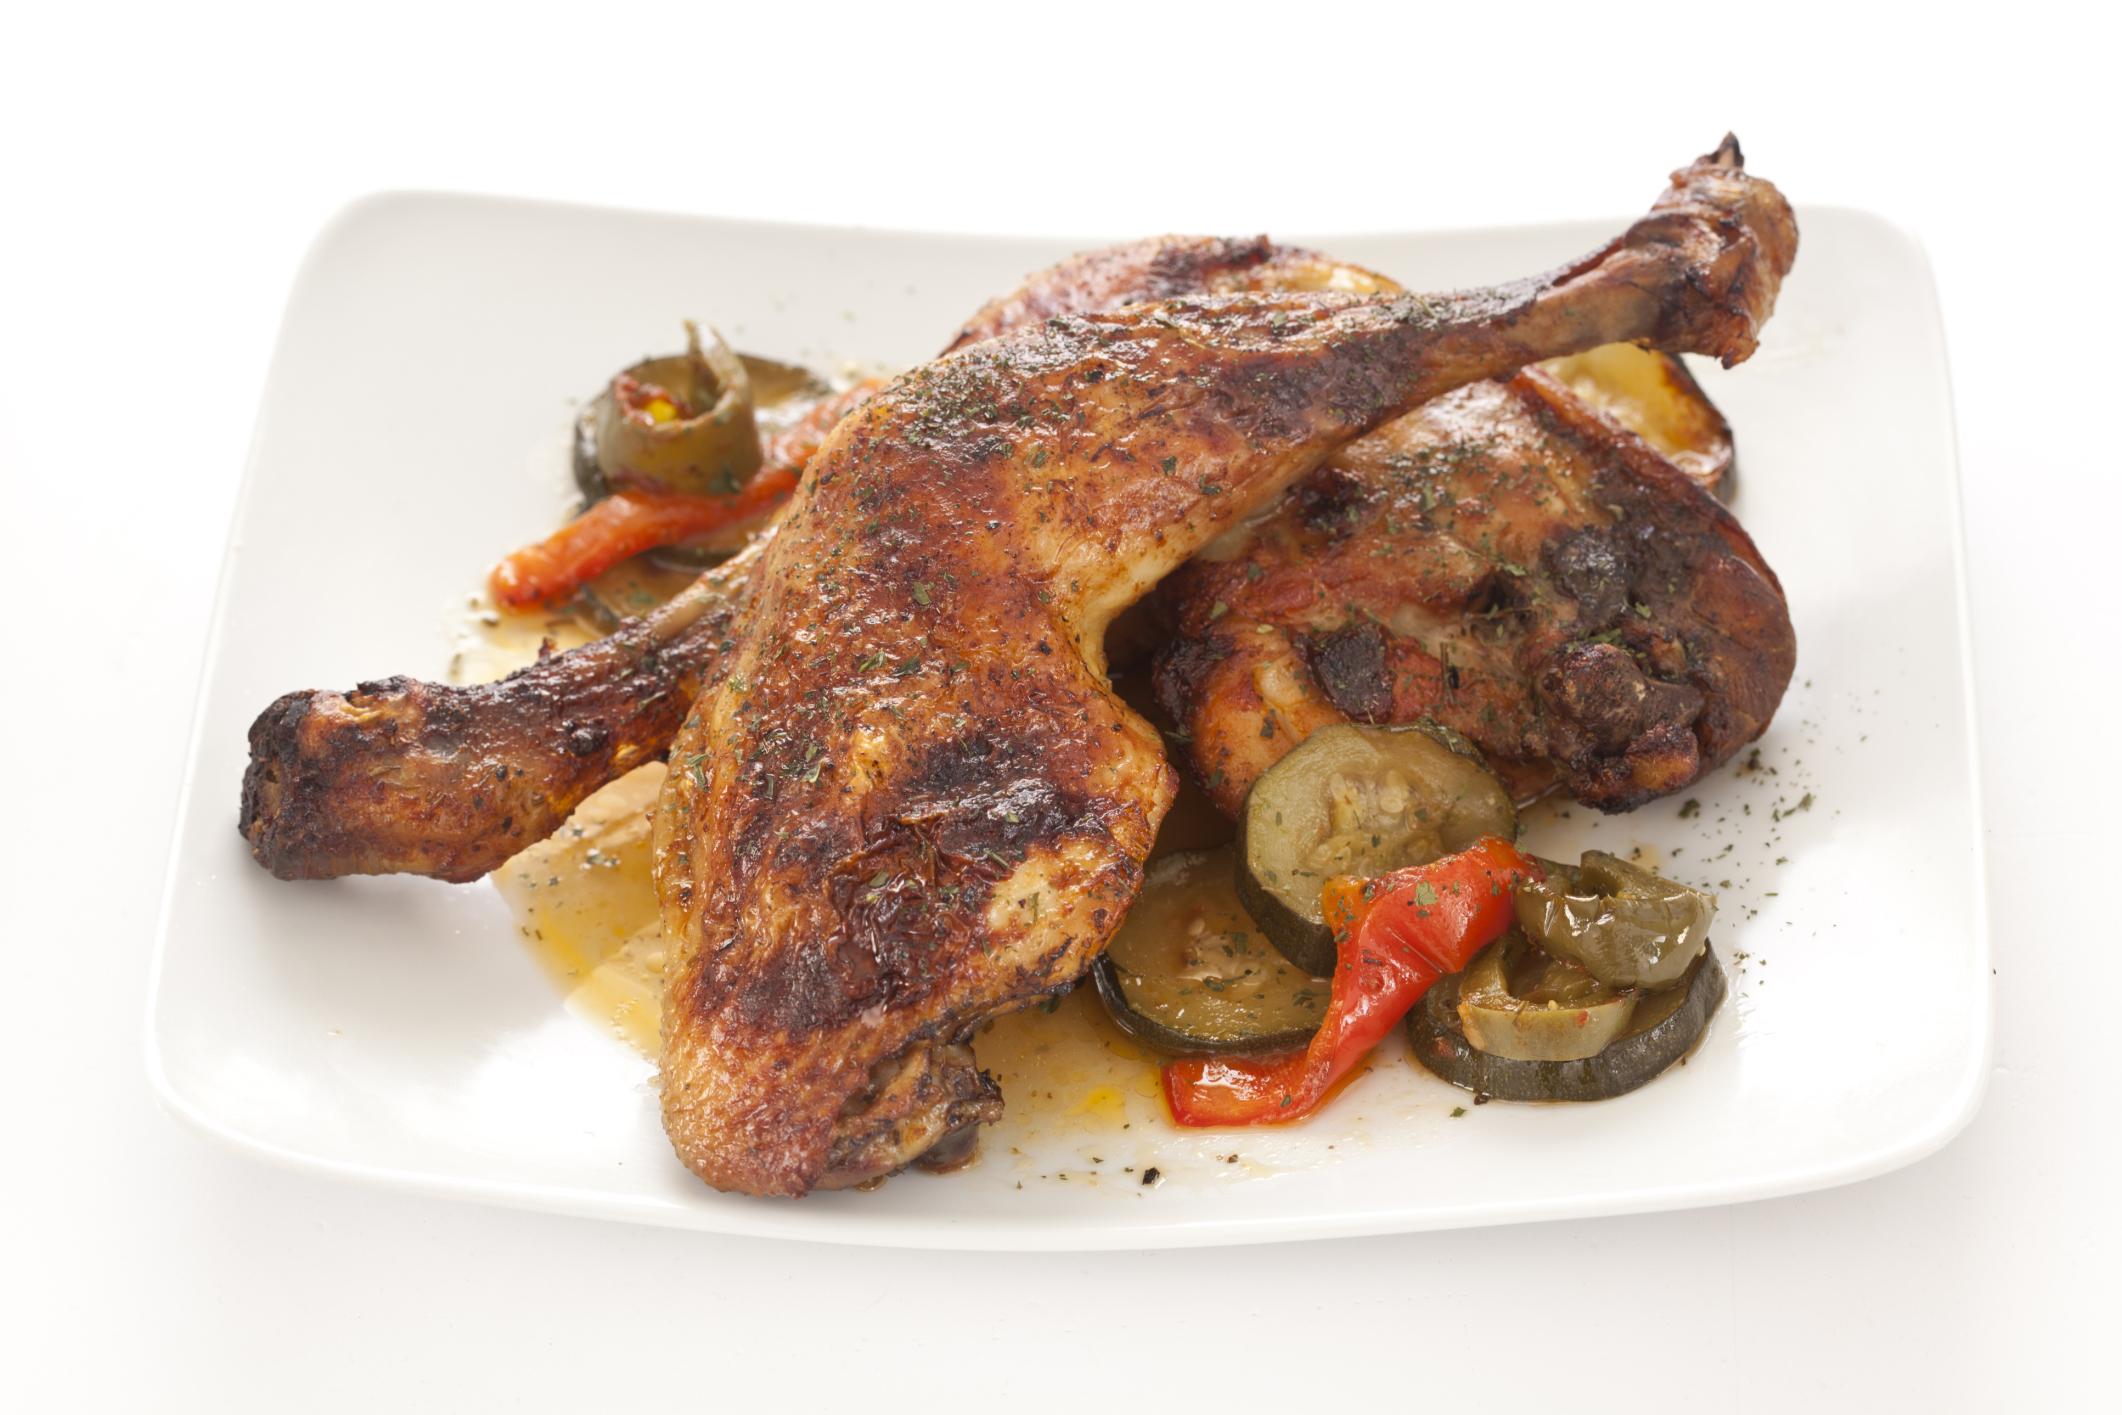 Pollo al chimichurri